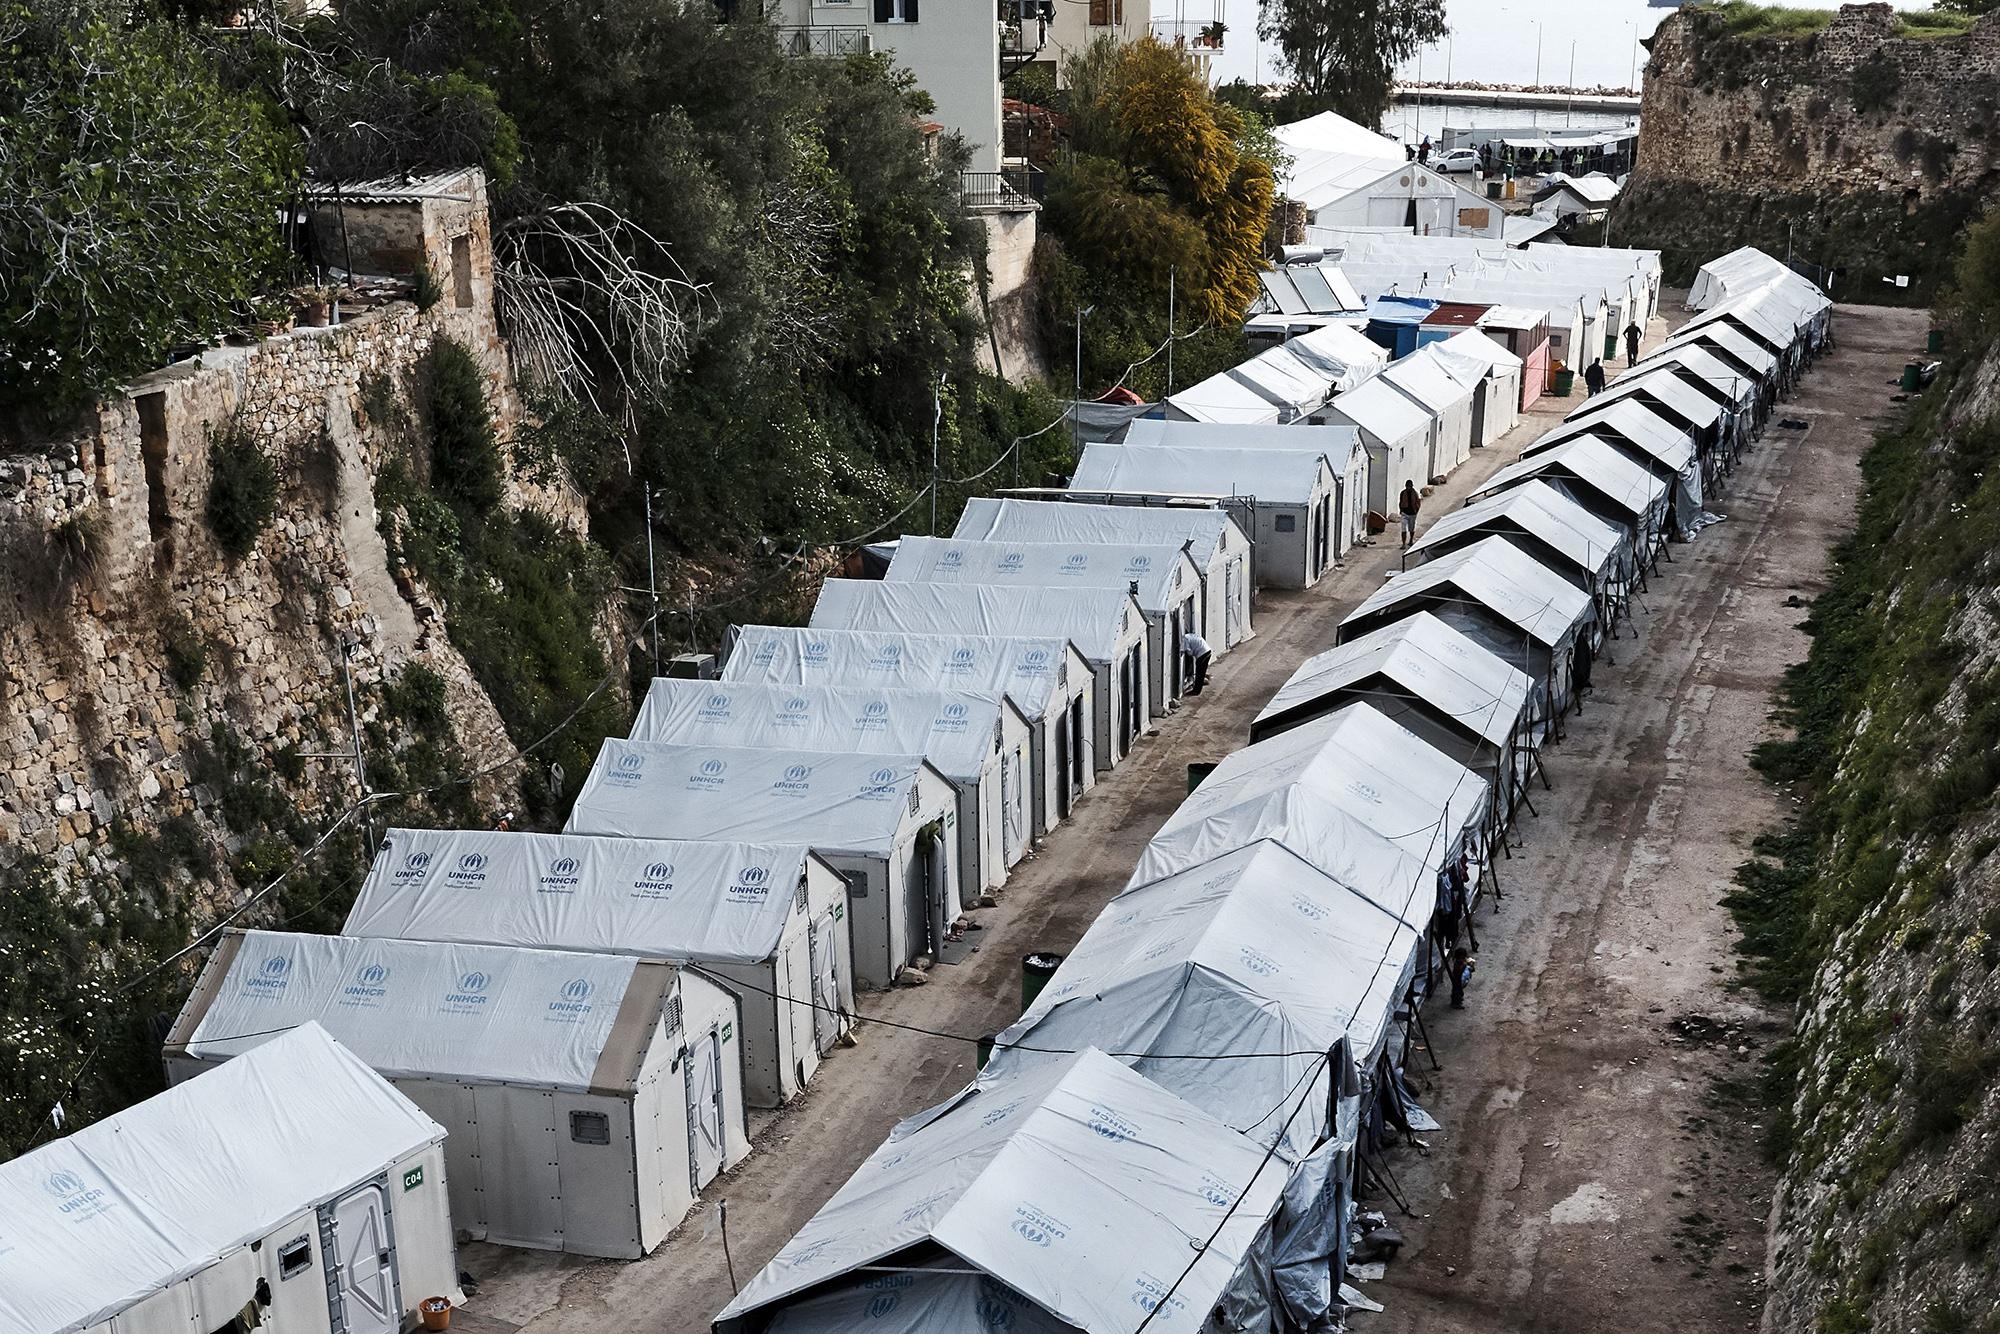 Jeder verfügbare Raum wird genutzt: Die eigentliche Ferieninsel Chios wird durch die Flüchtlingskrise stark belastet und erfährt zu wenig Unterstützung.